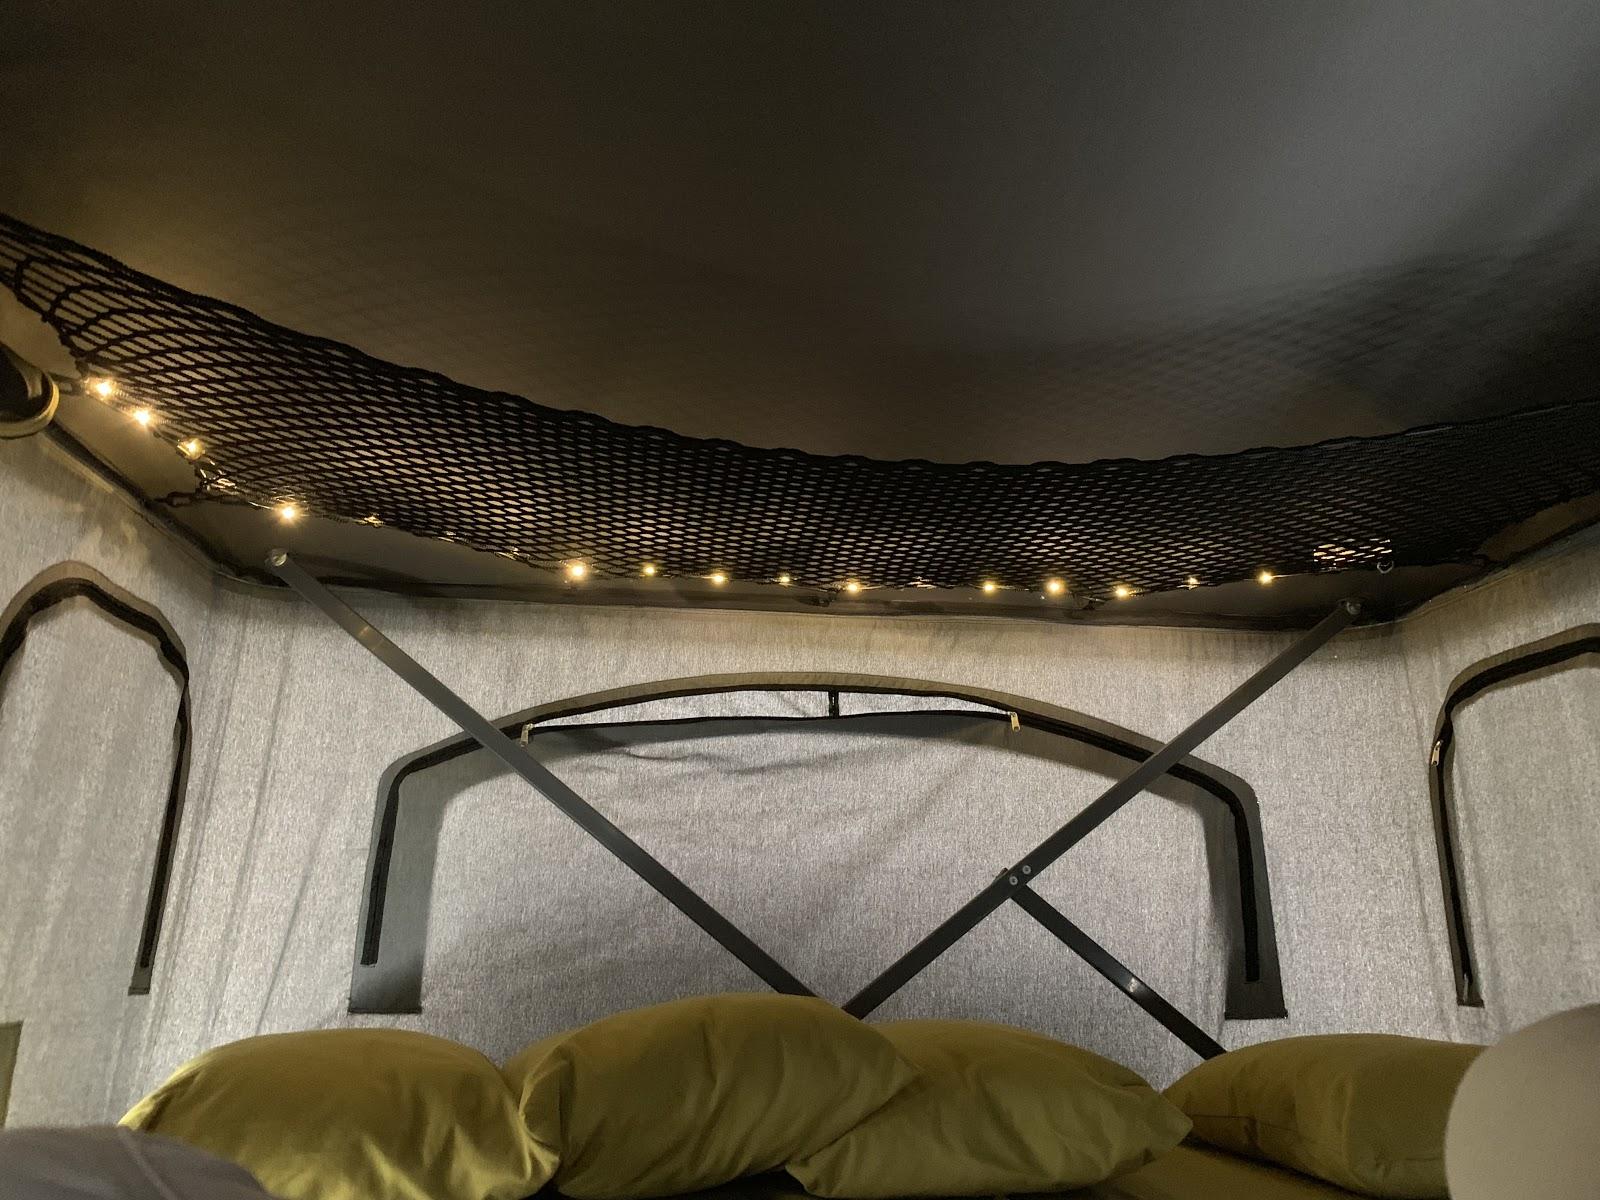 Dachzelt mit Staufach und Lichterketten